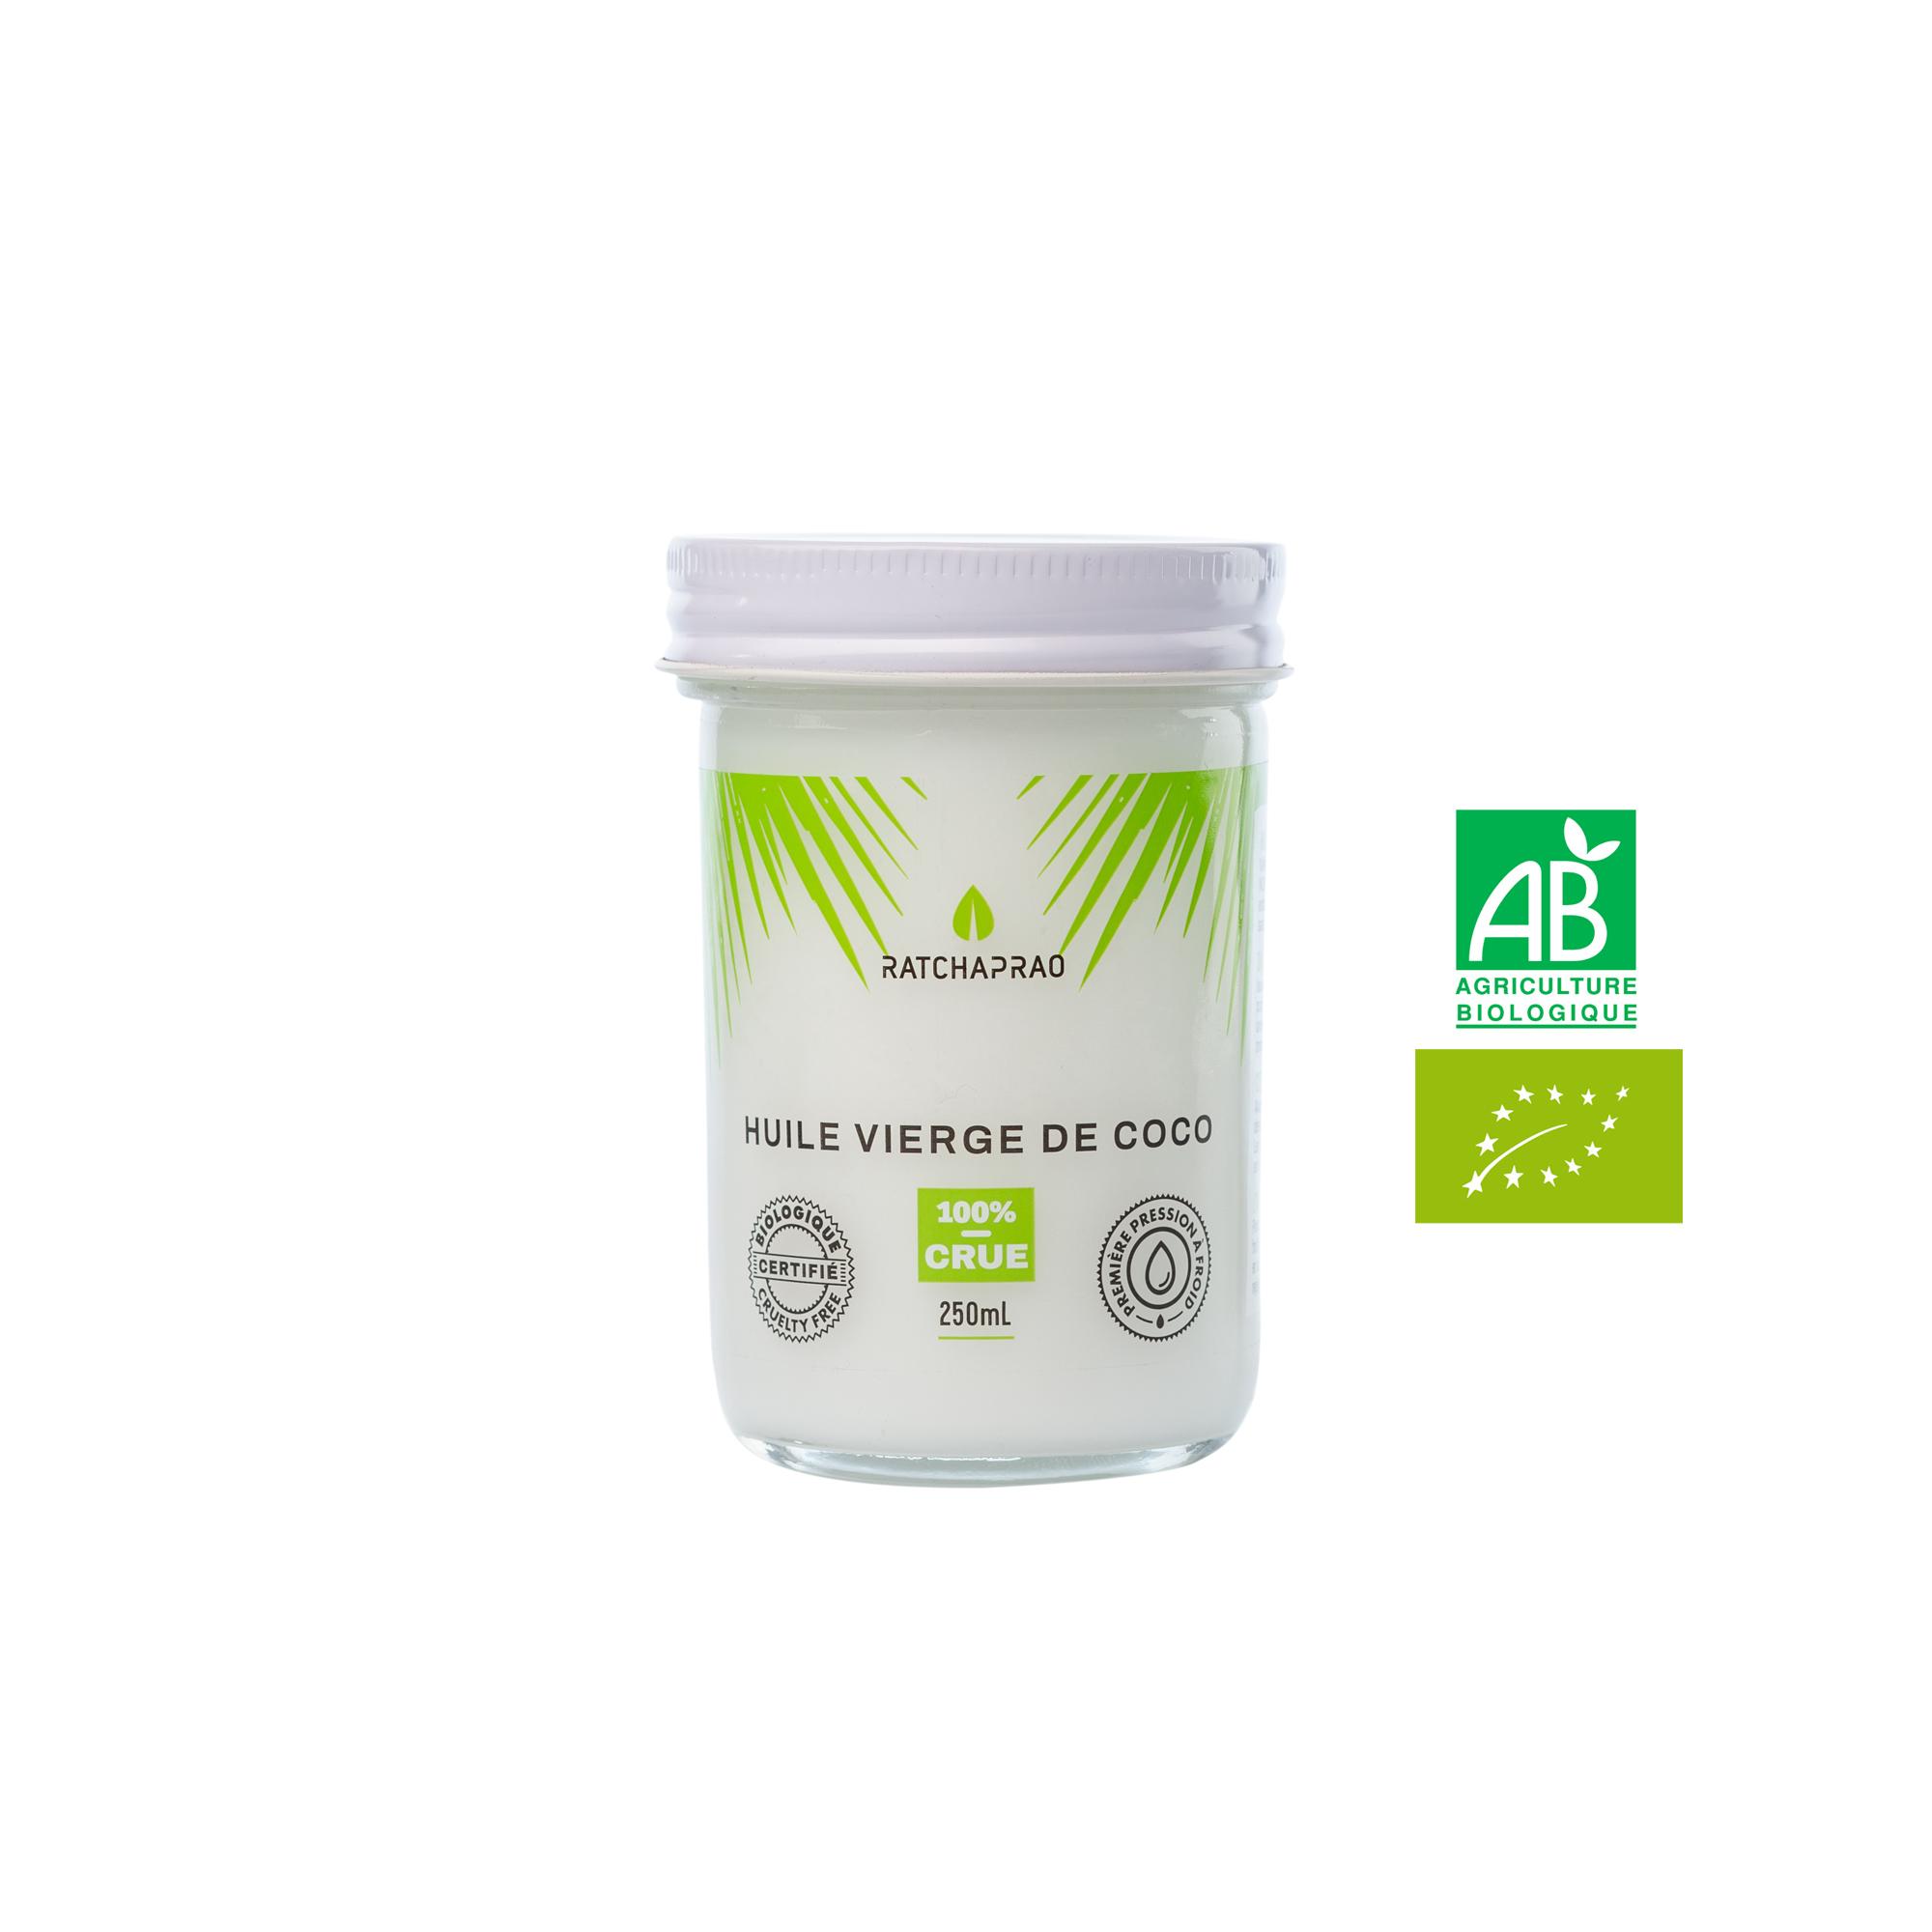 Pot huile vierge de coco RATCHAPRAO 250ml